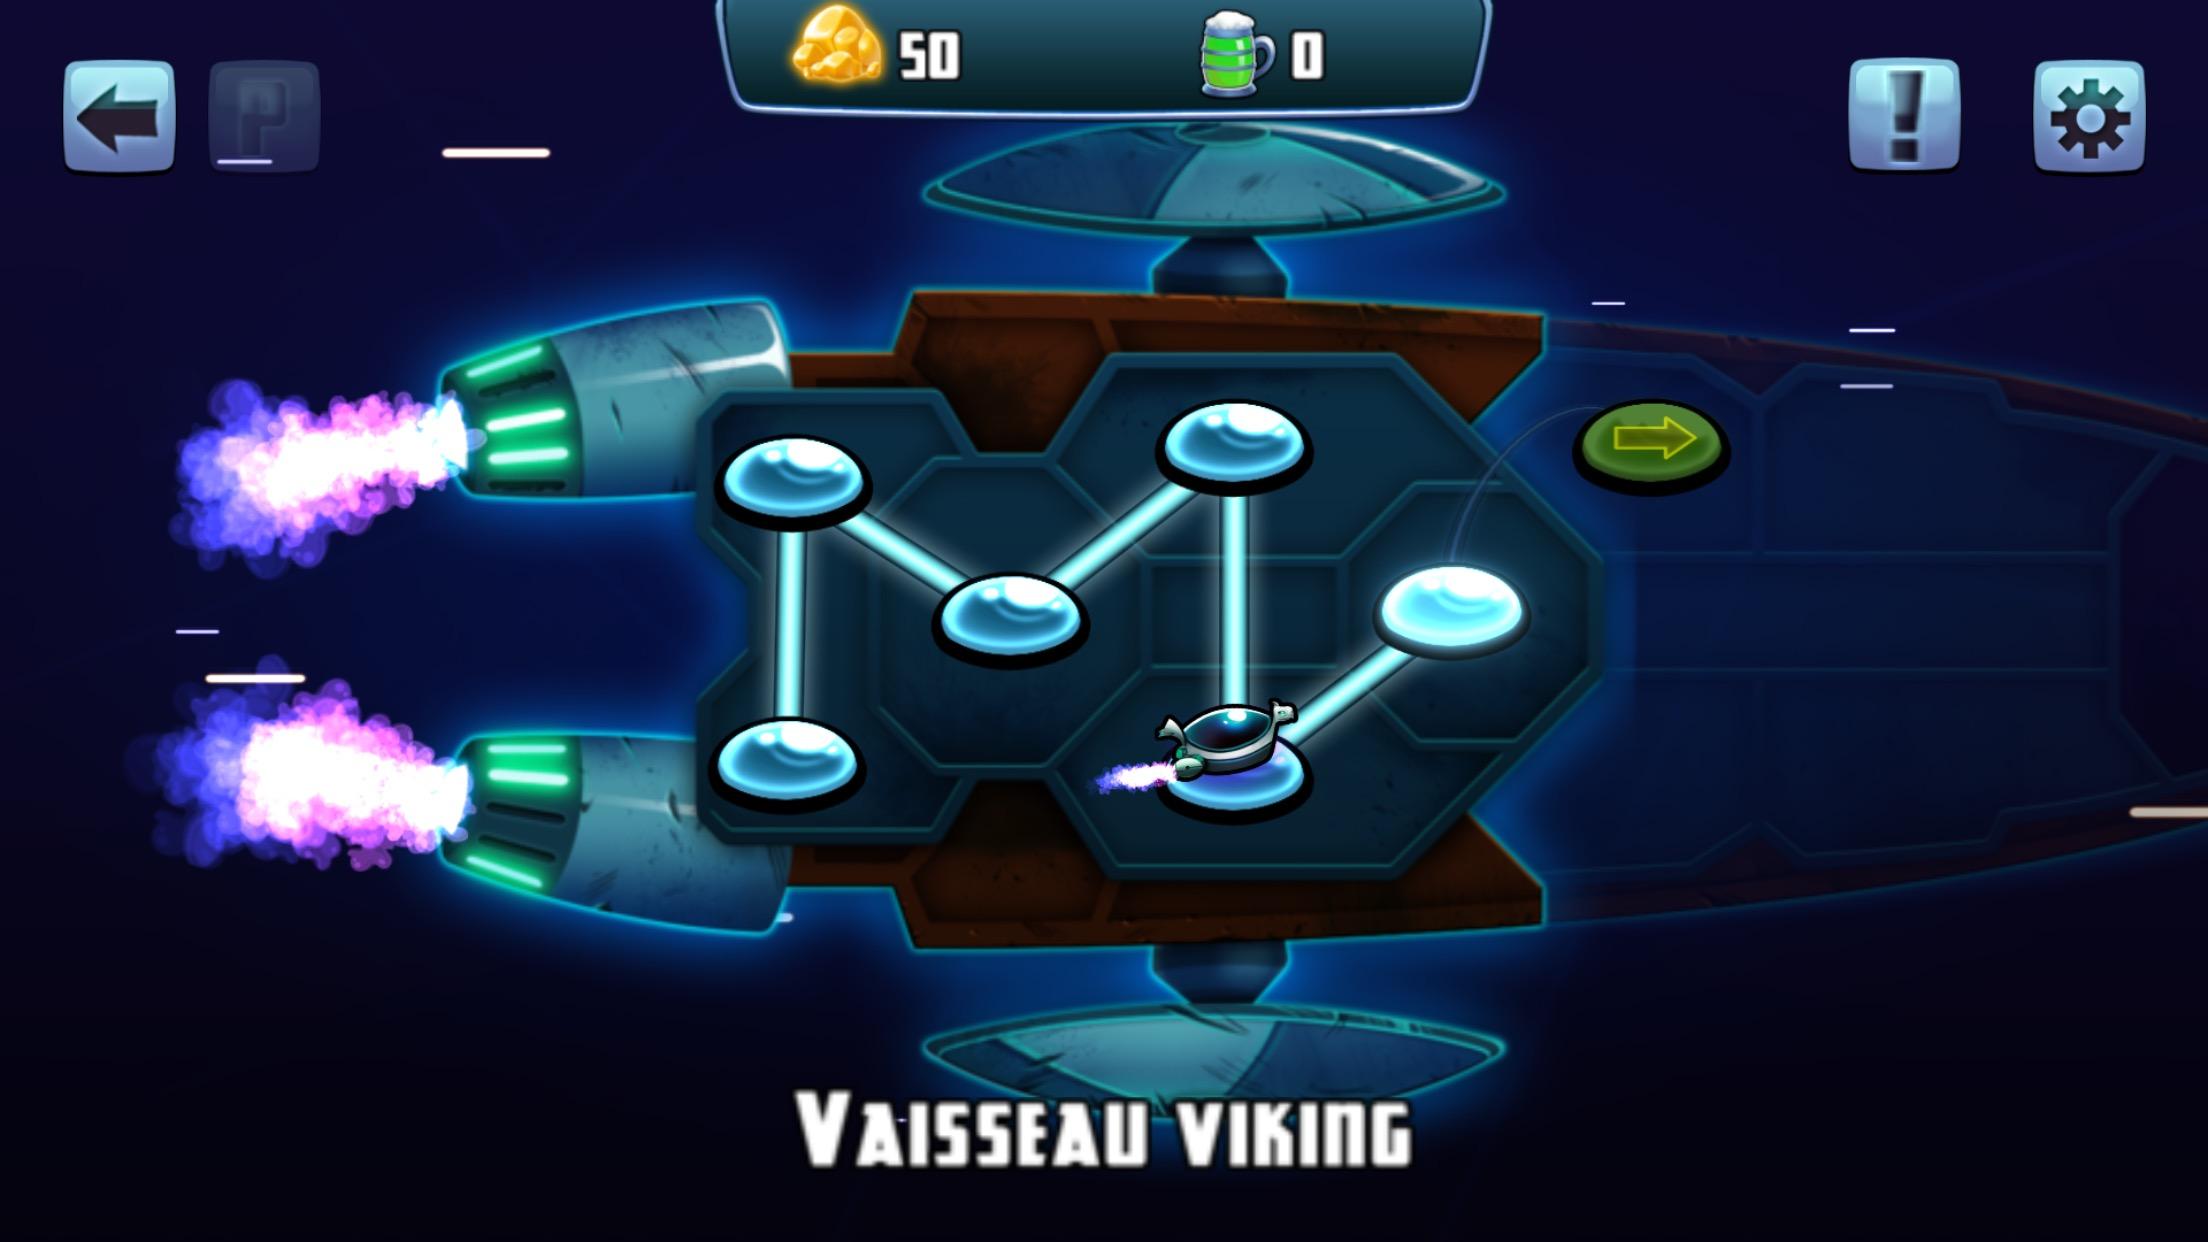 Jeux de Stratégie iPhone | Jeux Vidéo Mobile